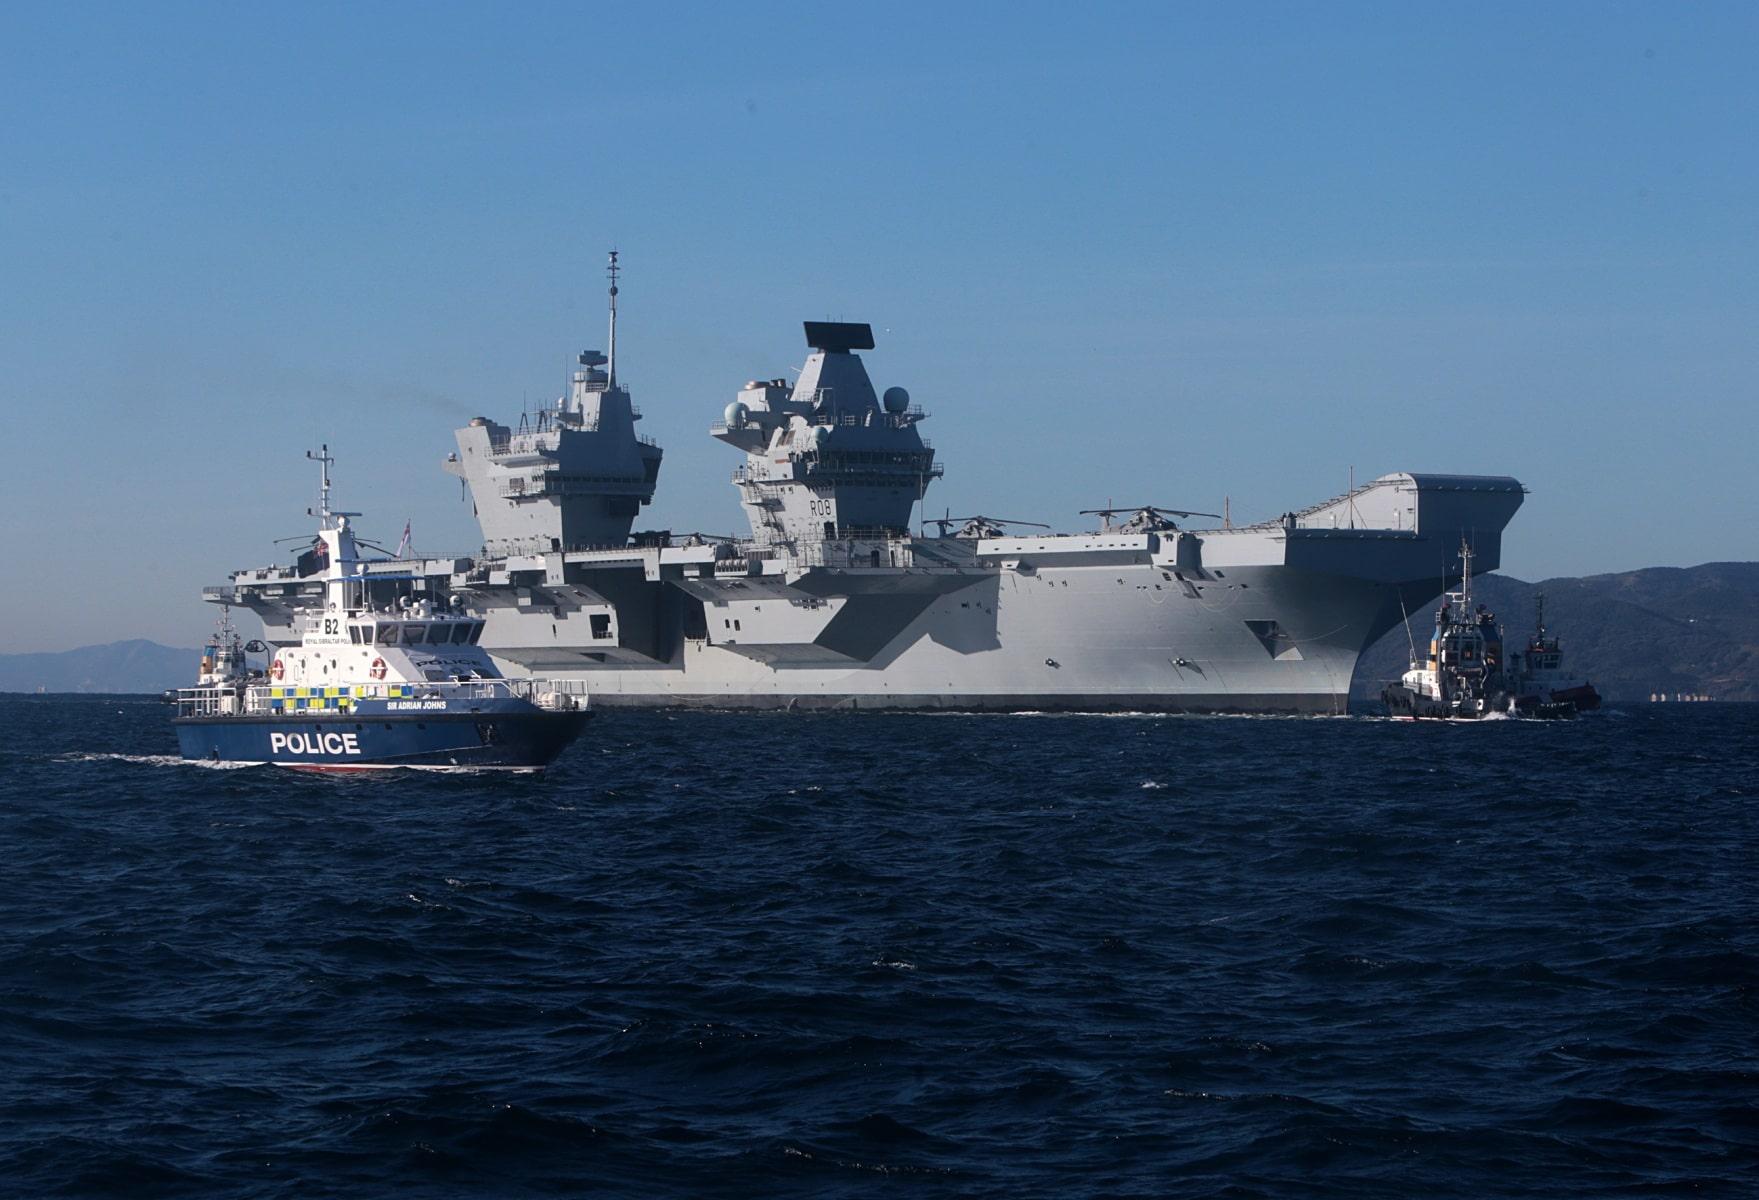 portaaviones-hms-queen-elizabeth-llegando-a-gibraltar-imagen-tomada-desde-uno-de-los-buques-de-apoyo-via-royal-navy-34_40133909382_o